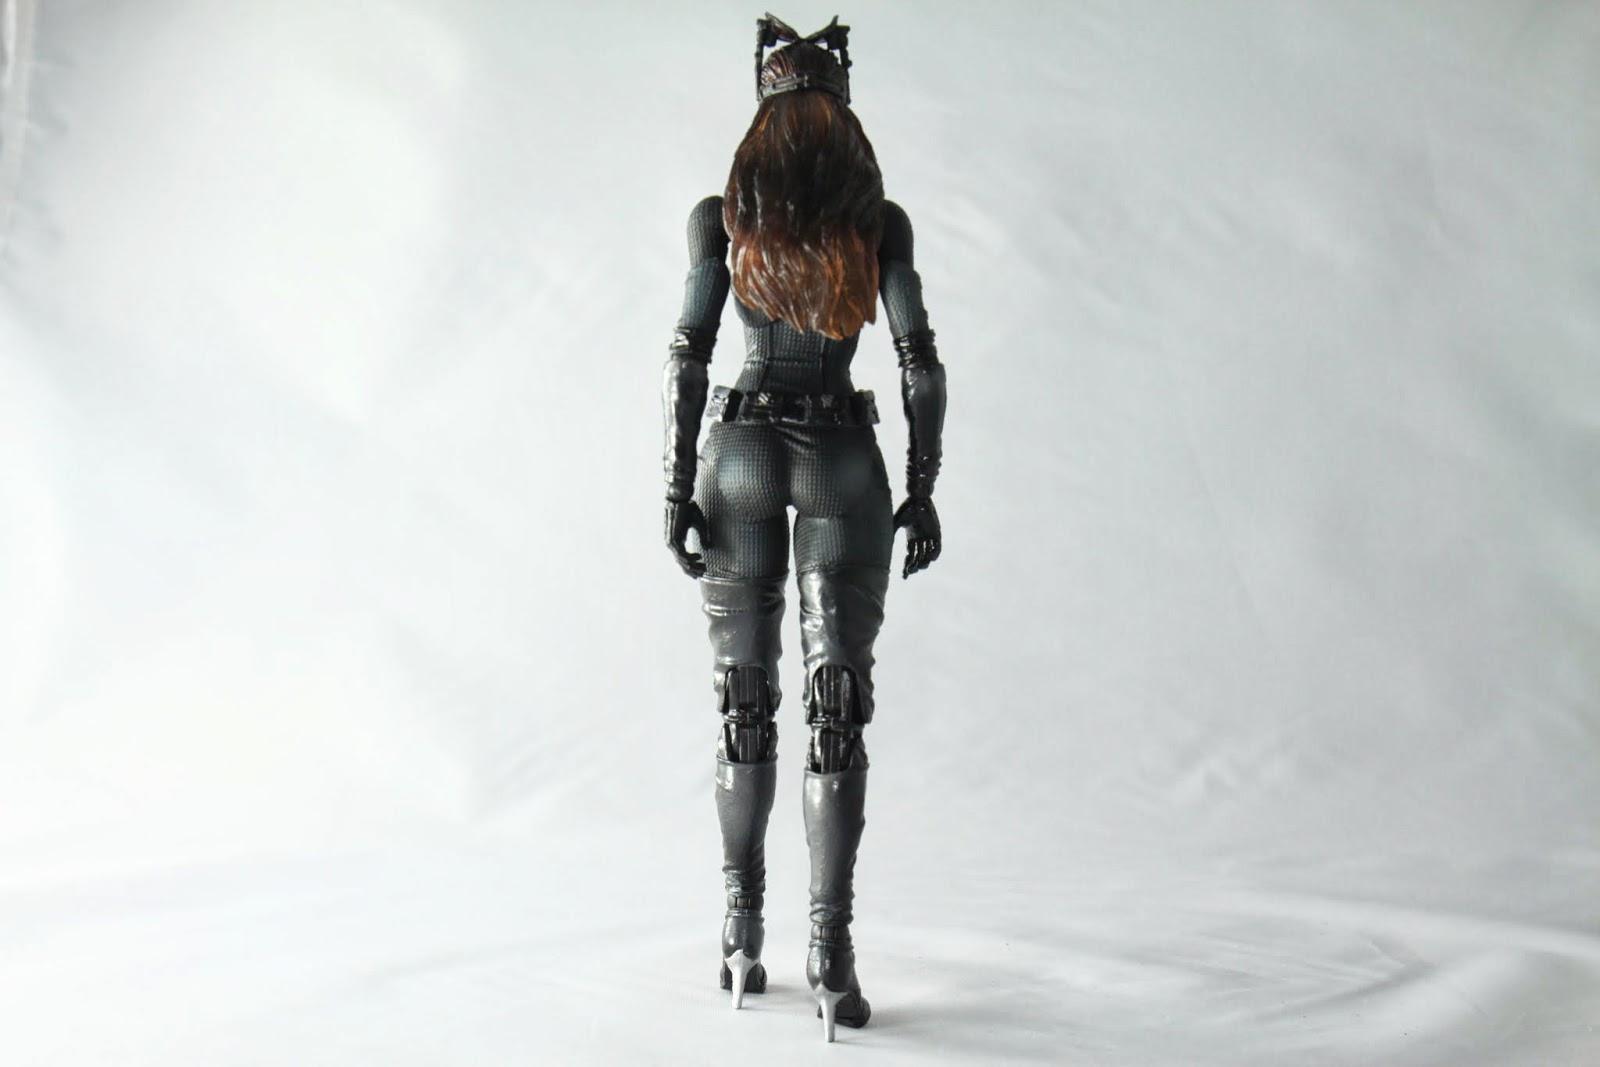 背面的話 那個臀部有點太寬了啊喵